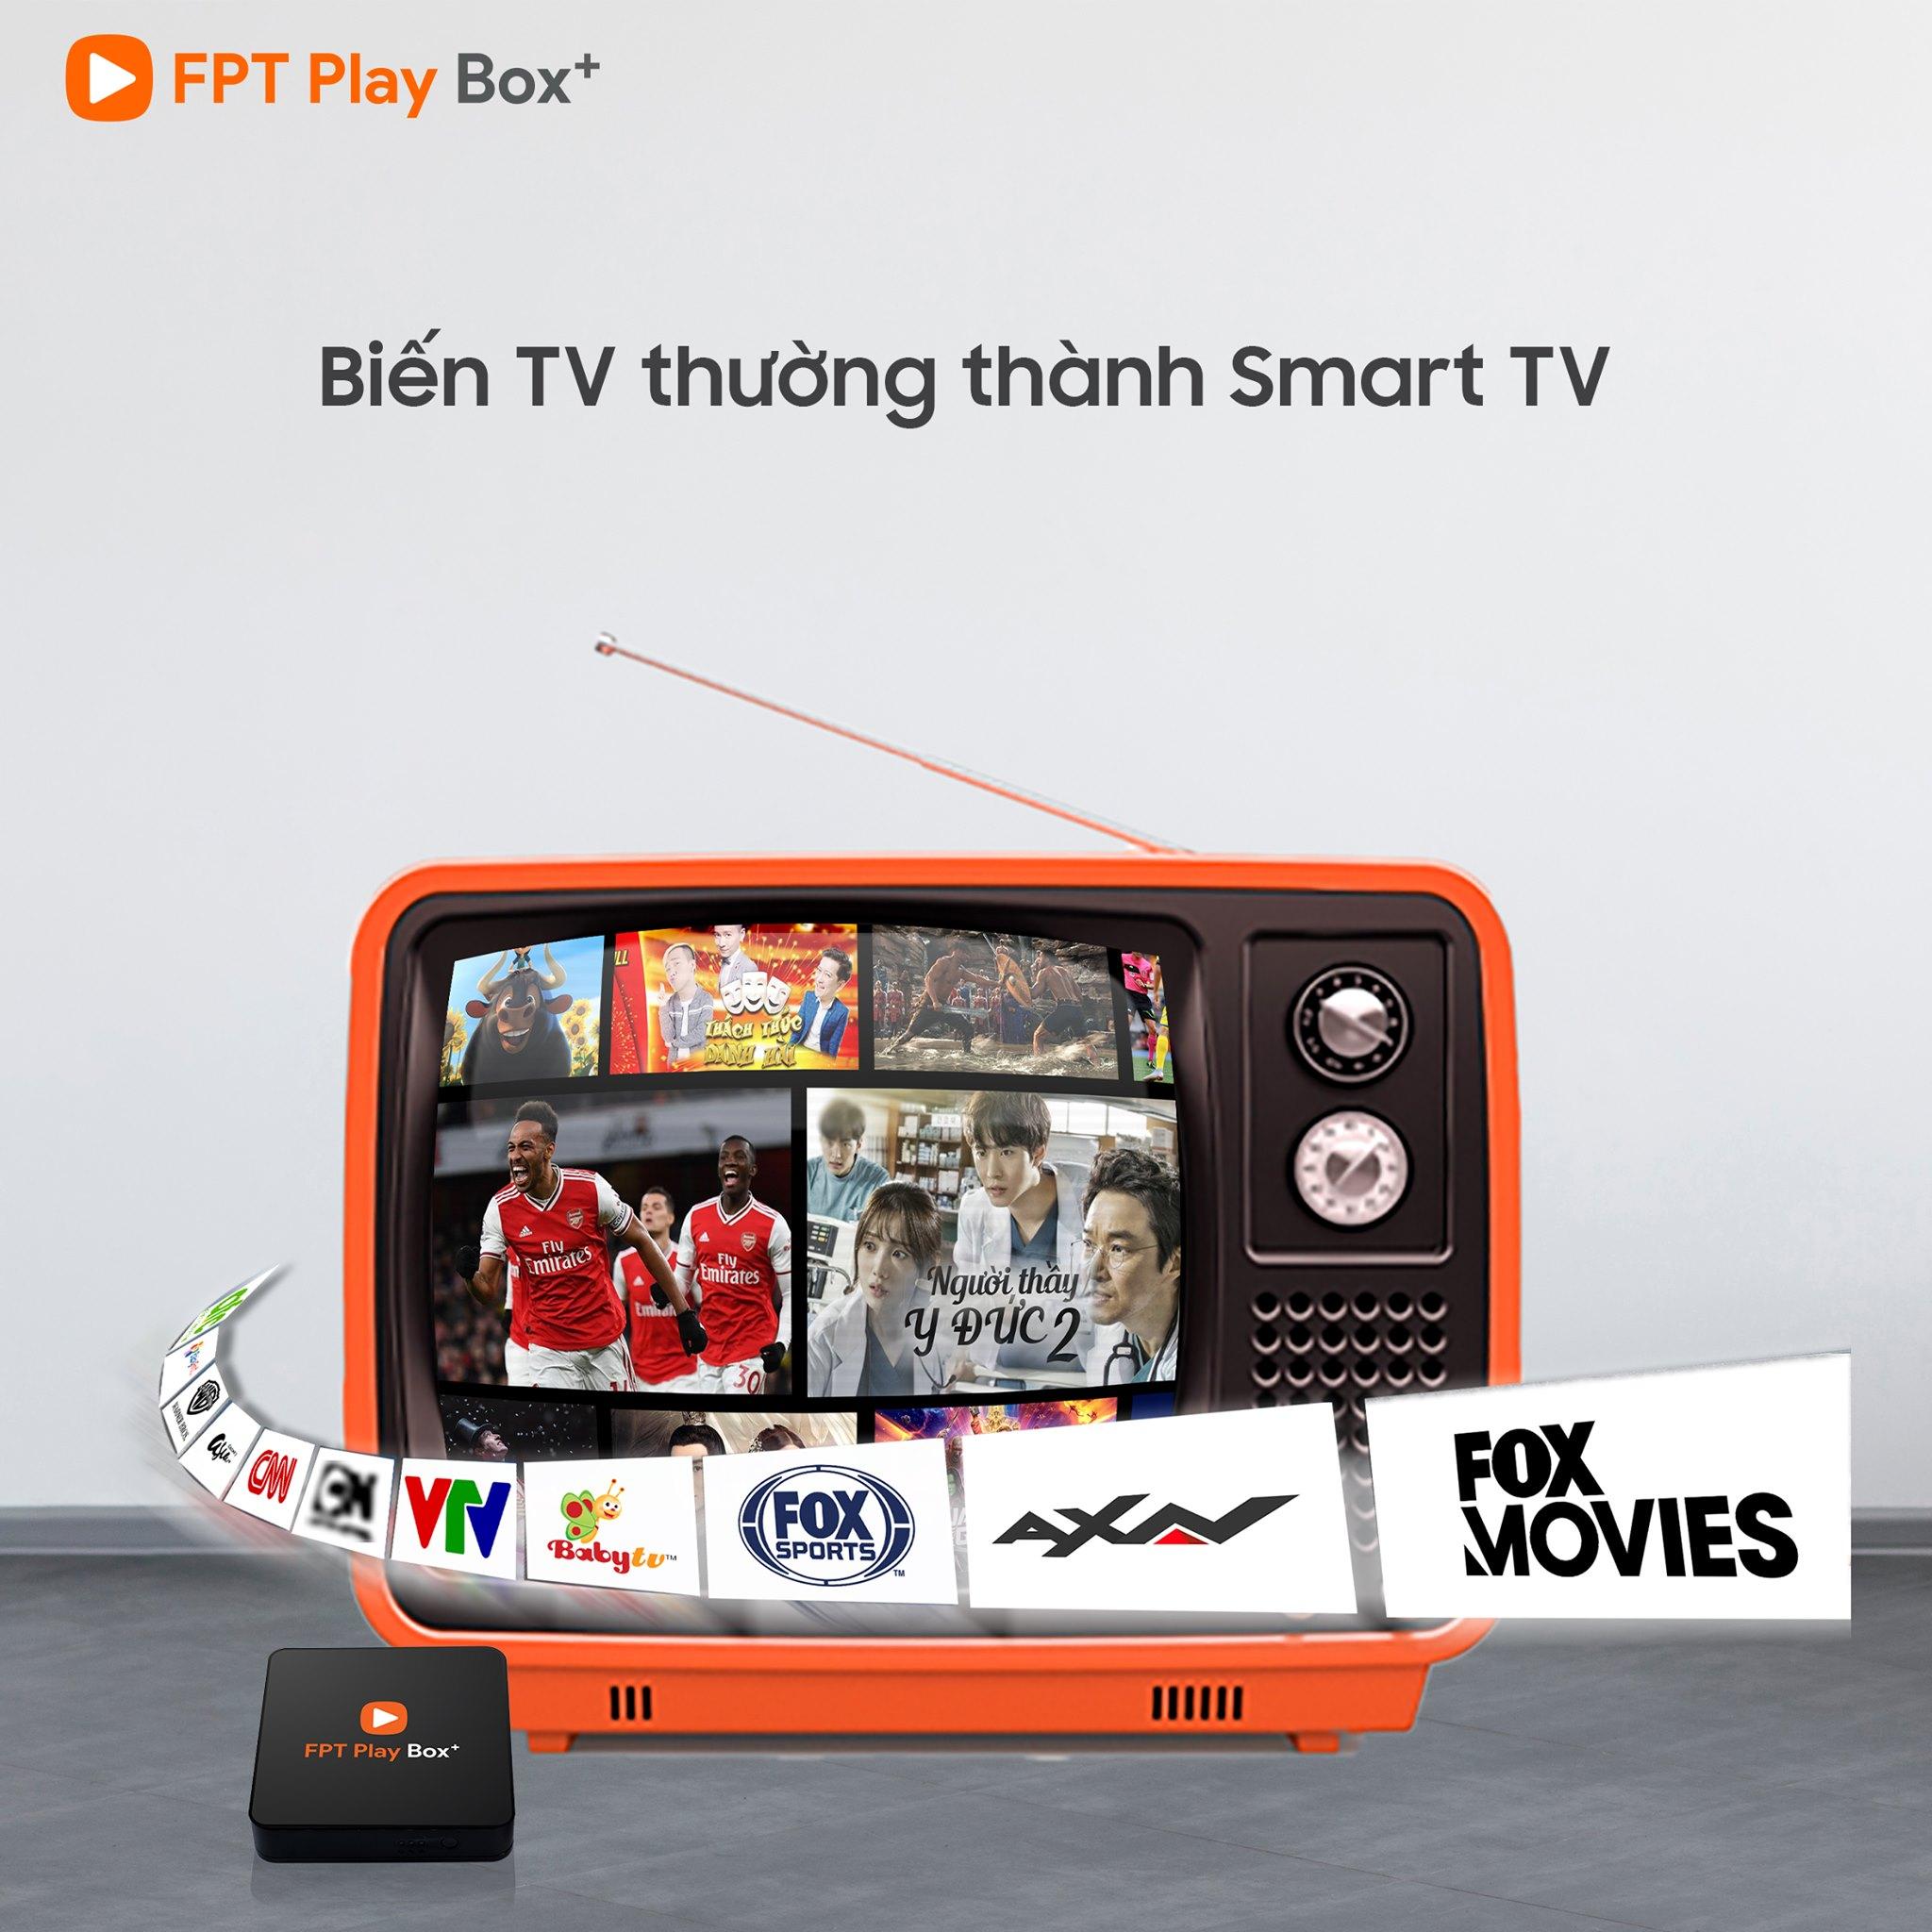 Biến tivi thường thành tivi thông minh với FPT Play Box.